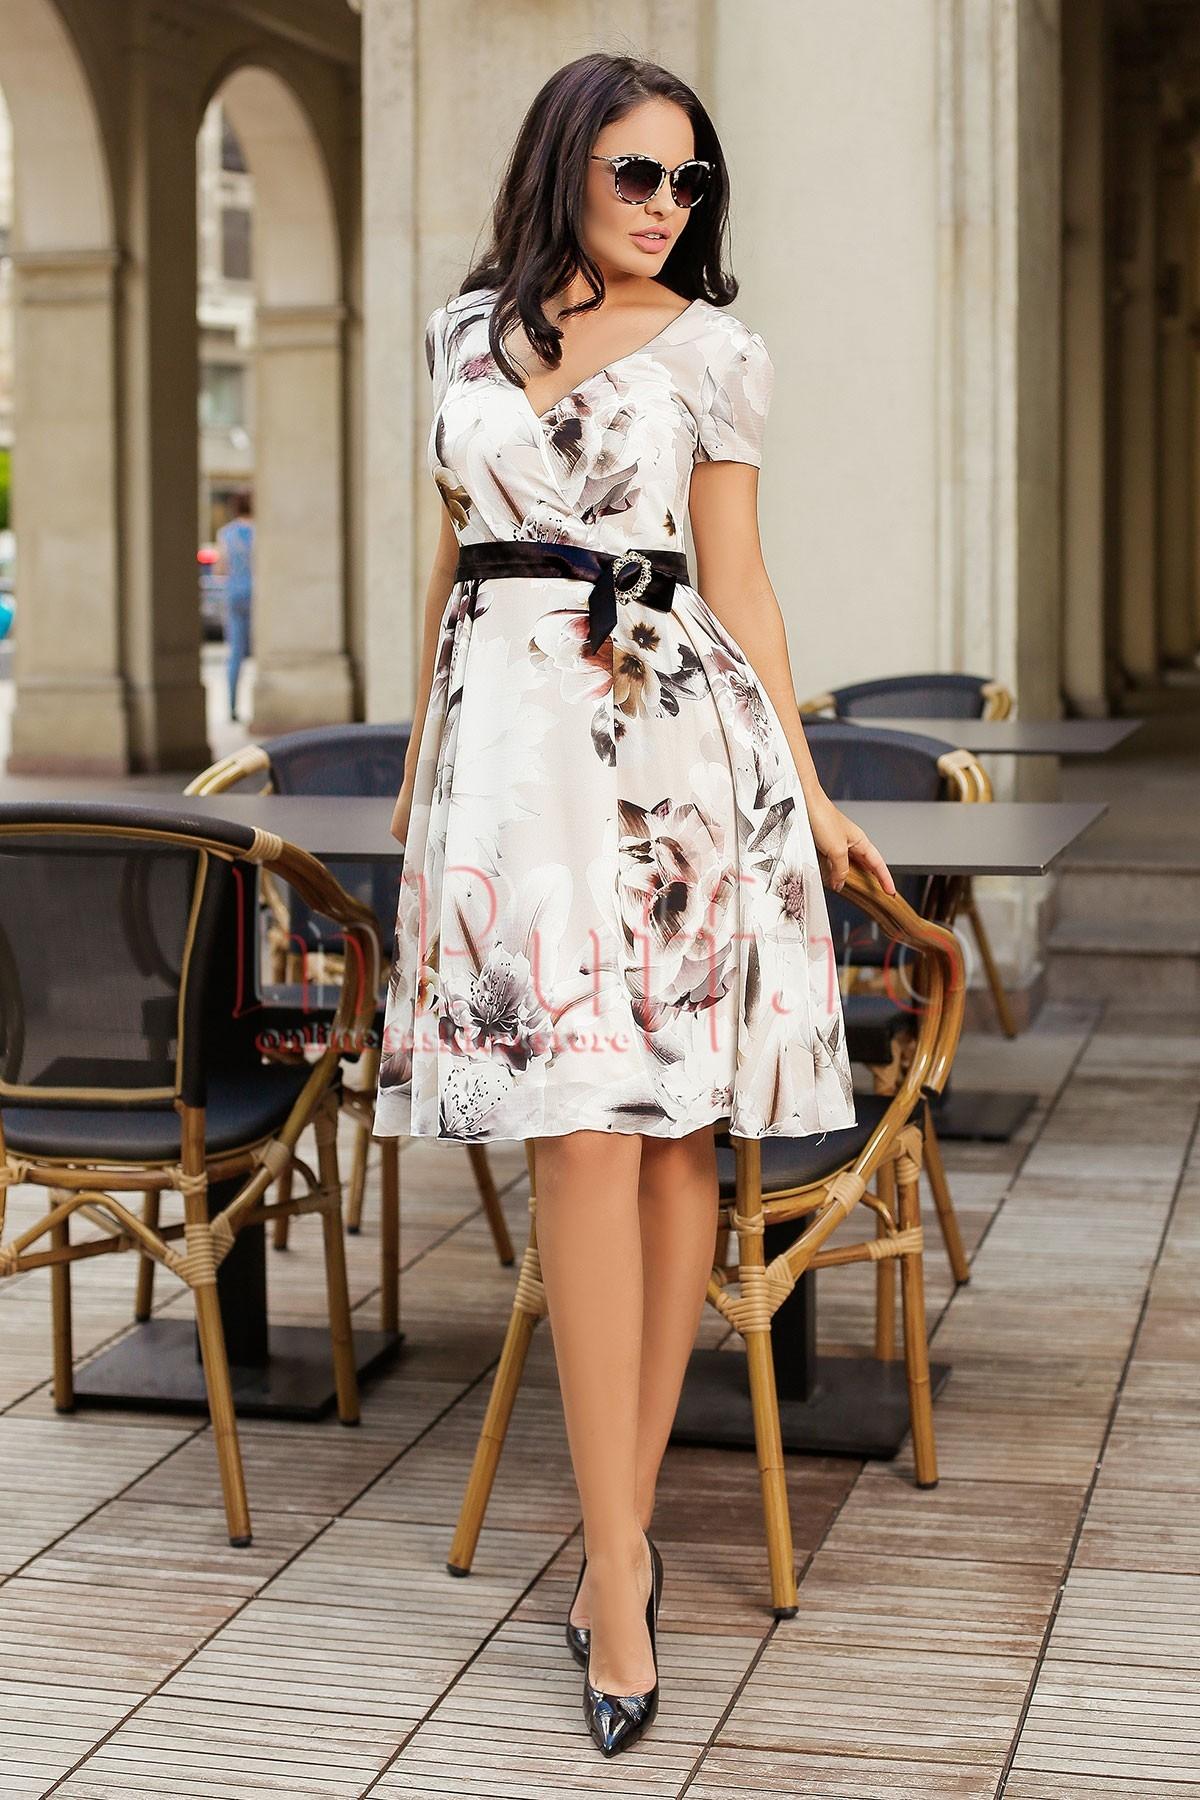 Rochie MBG eleganta cu imprimeu floral si funda in talie